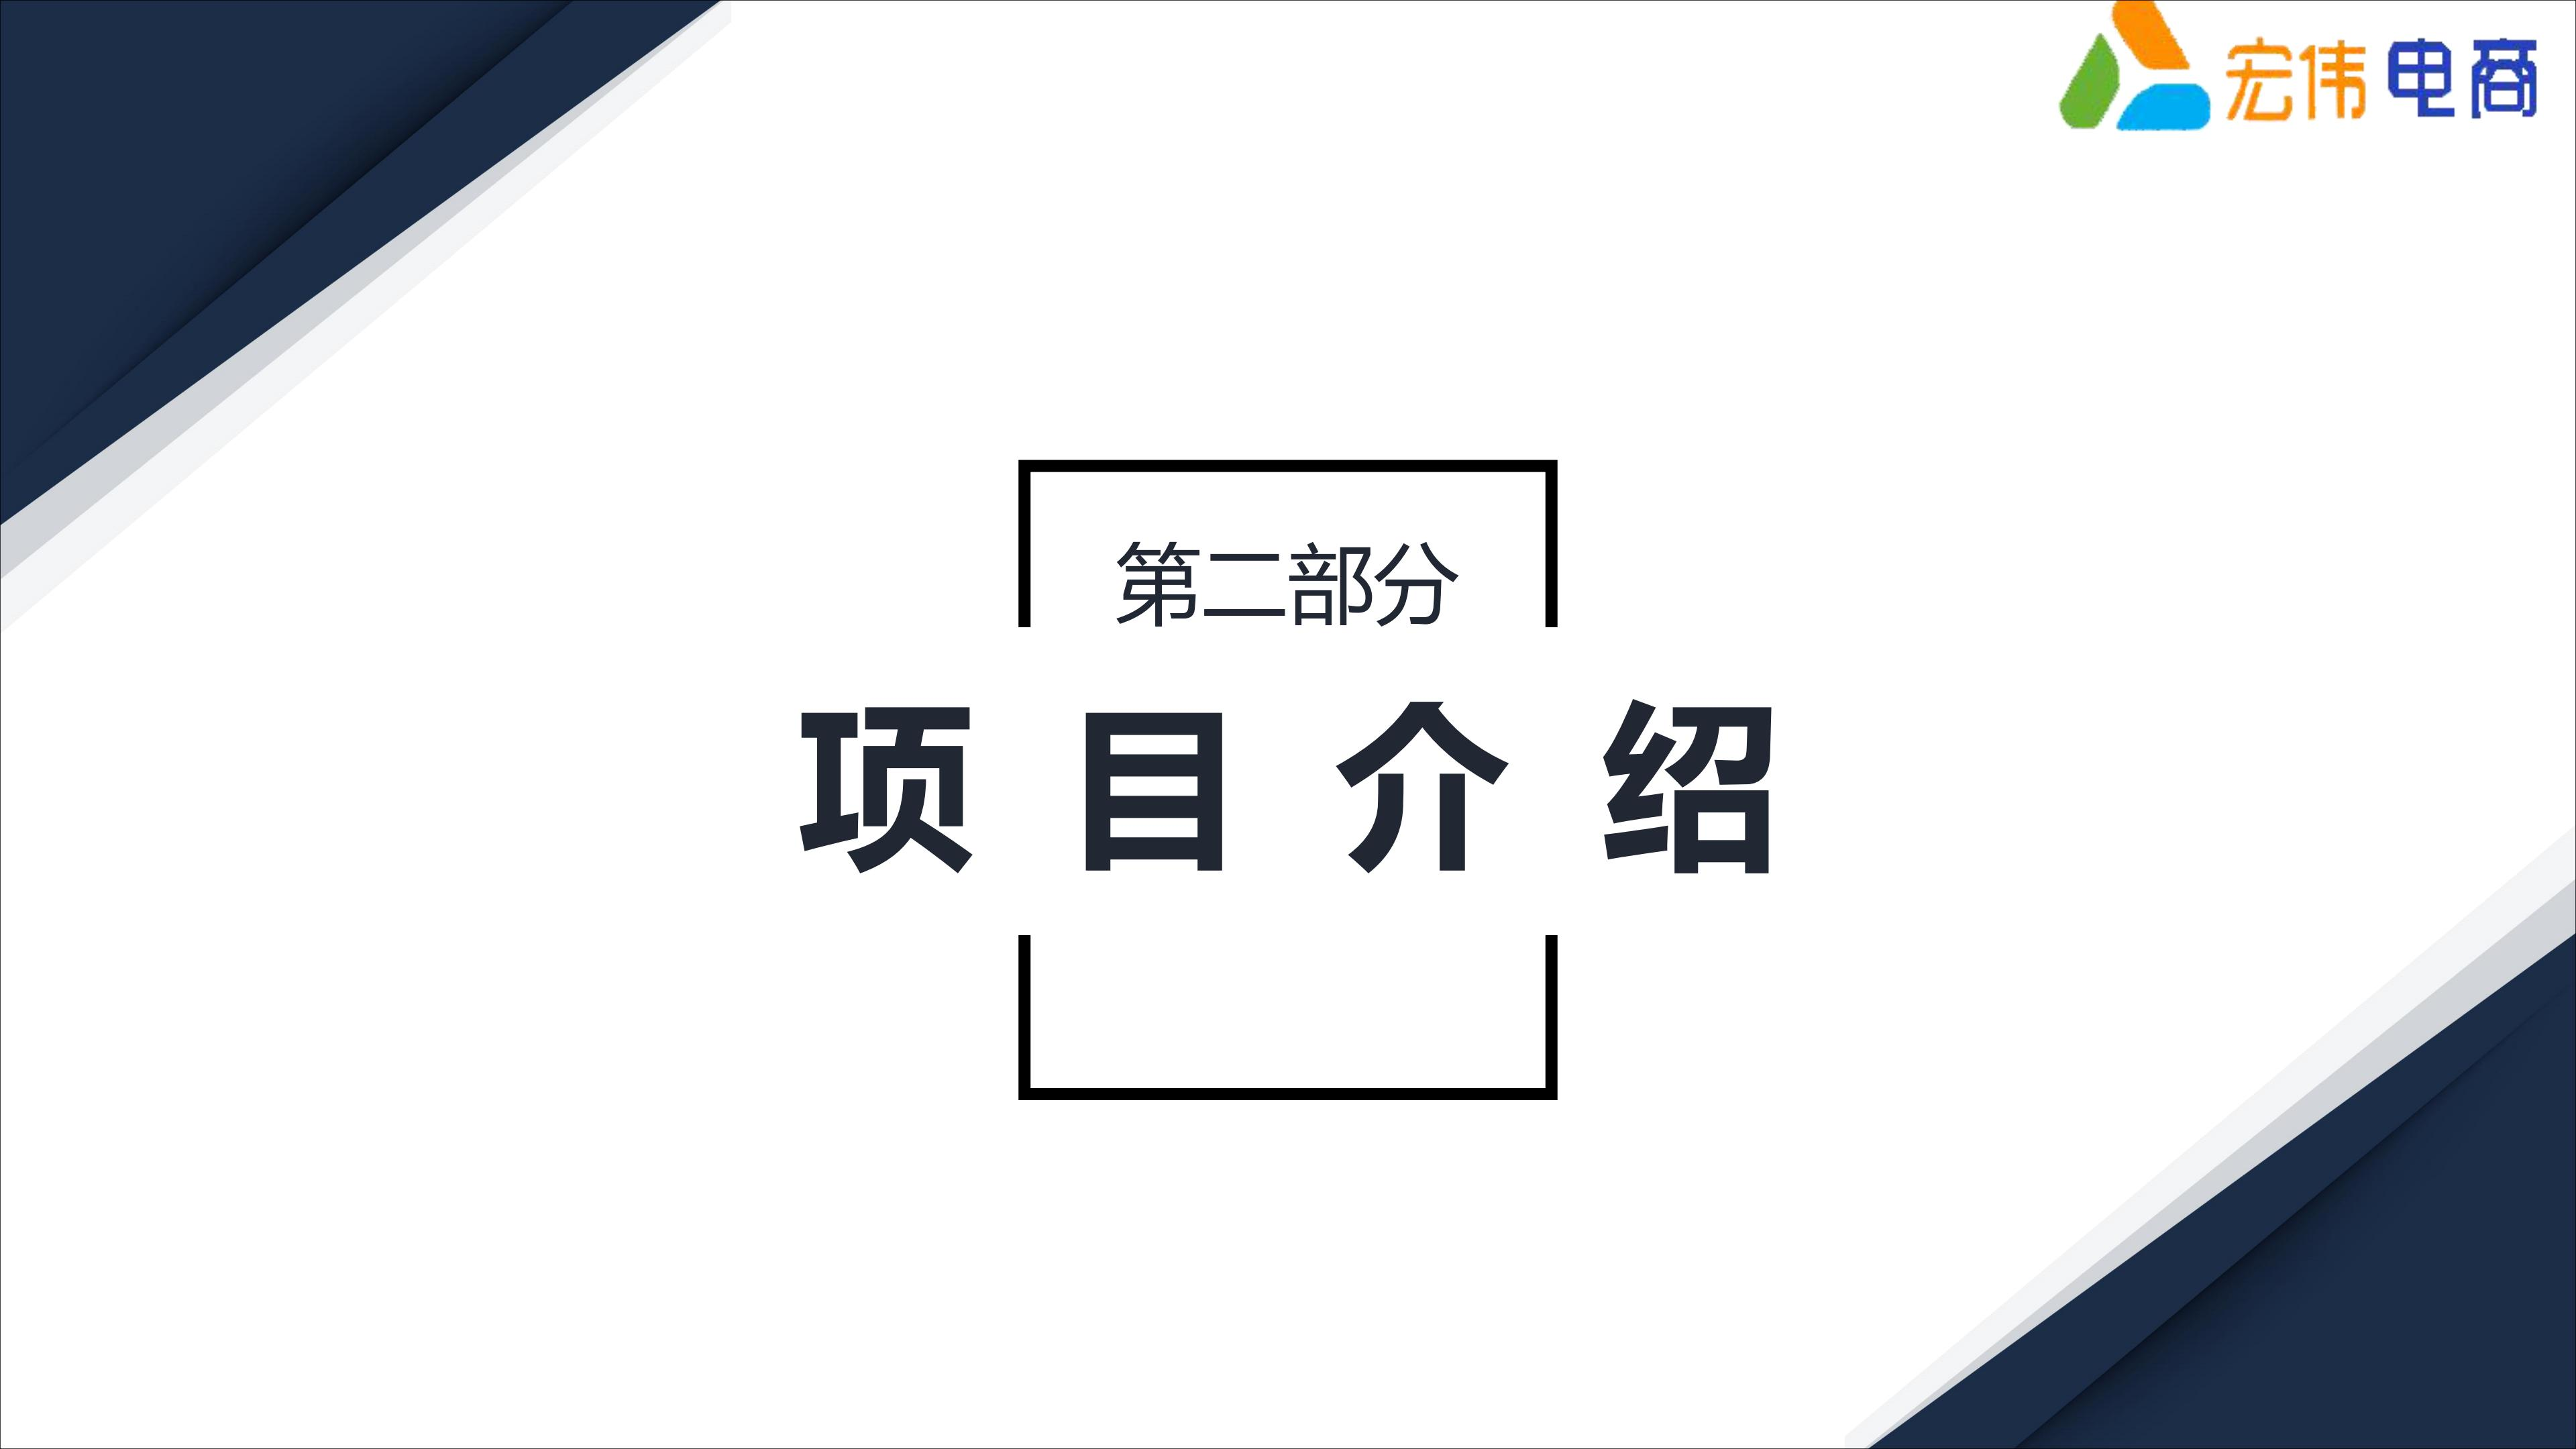 红薯助力万人脱贫创业计划定稿(1)_06.jpg